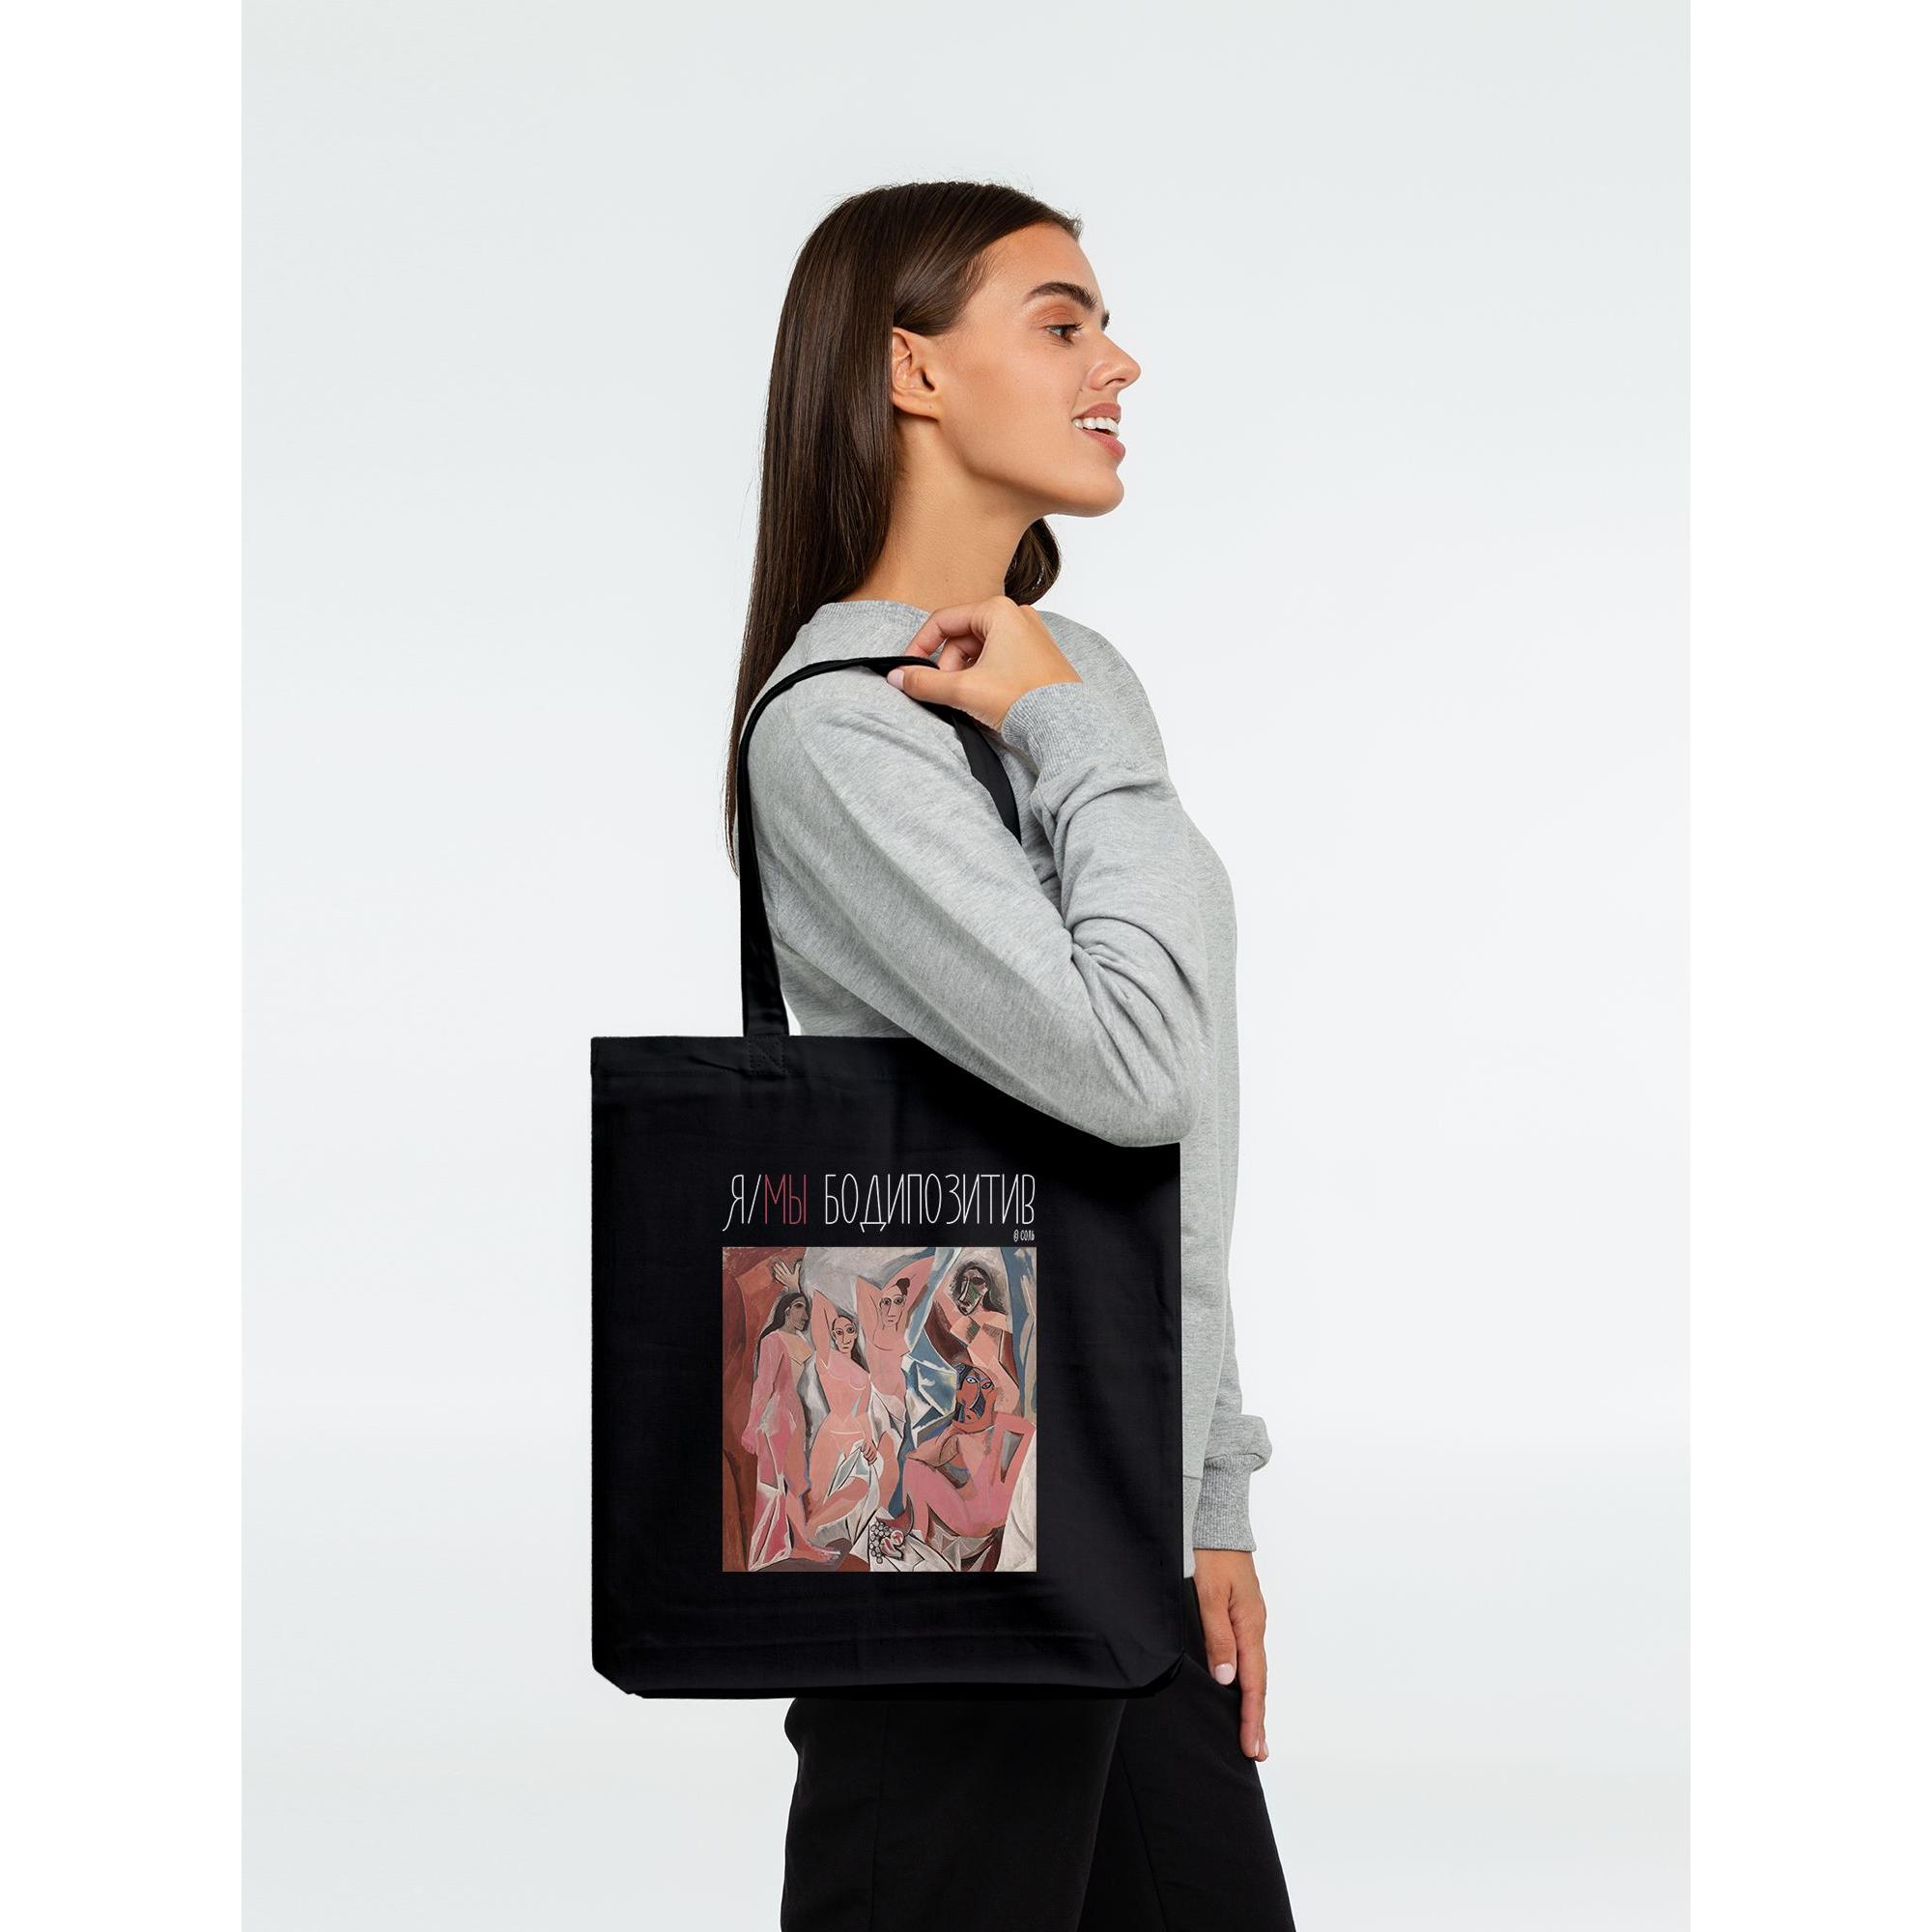 Холщовая сумка «Я/мы бодипозитив», черная фото 0